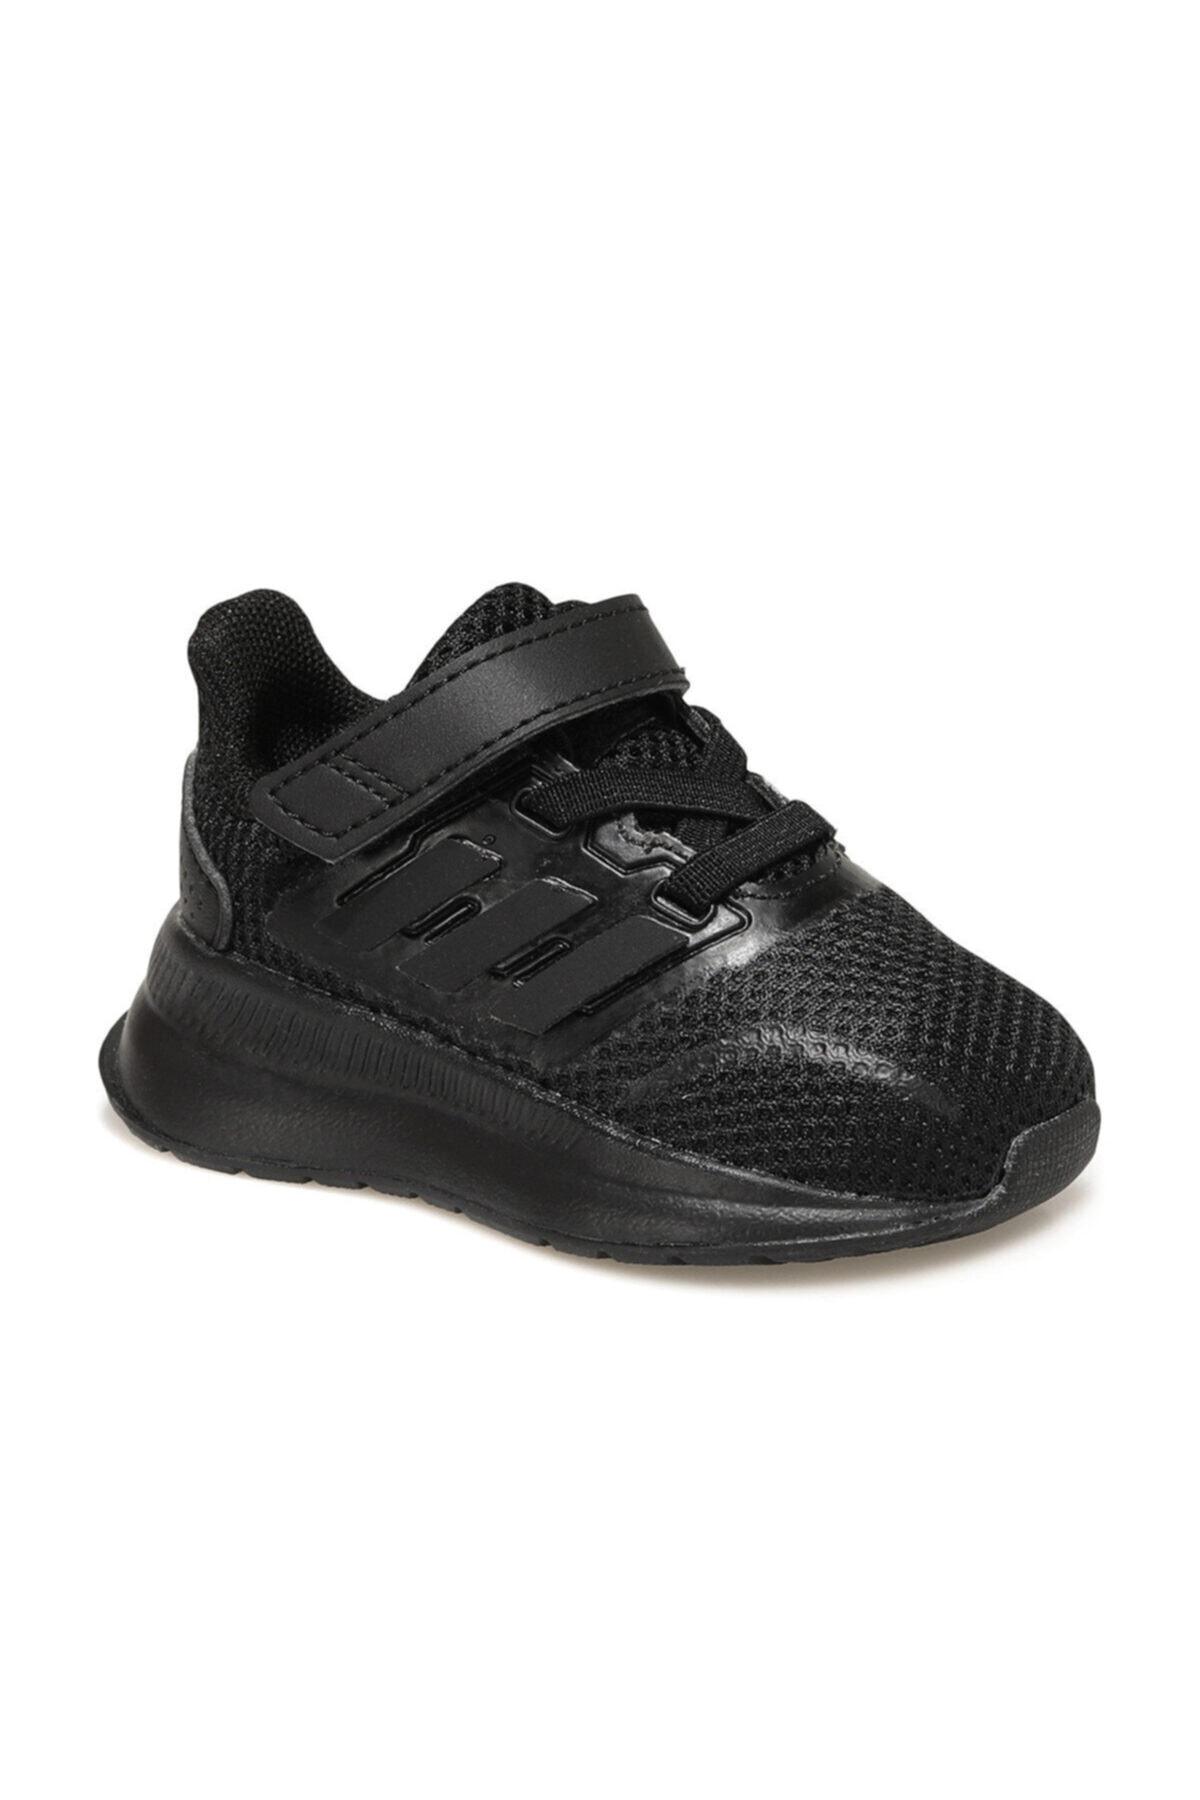 adidas RUNFALCON I Siyah Erkek Çocuk Koşu Ayakkabısı 101069189 1